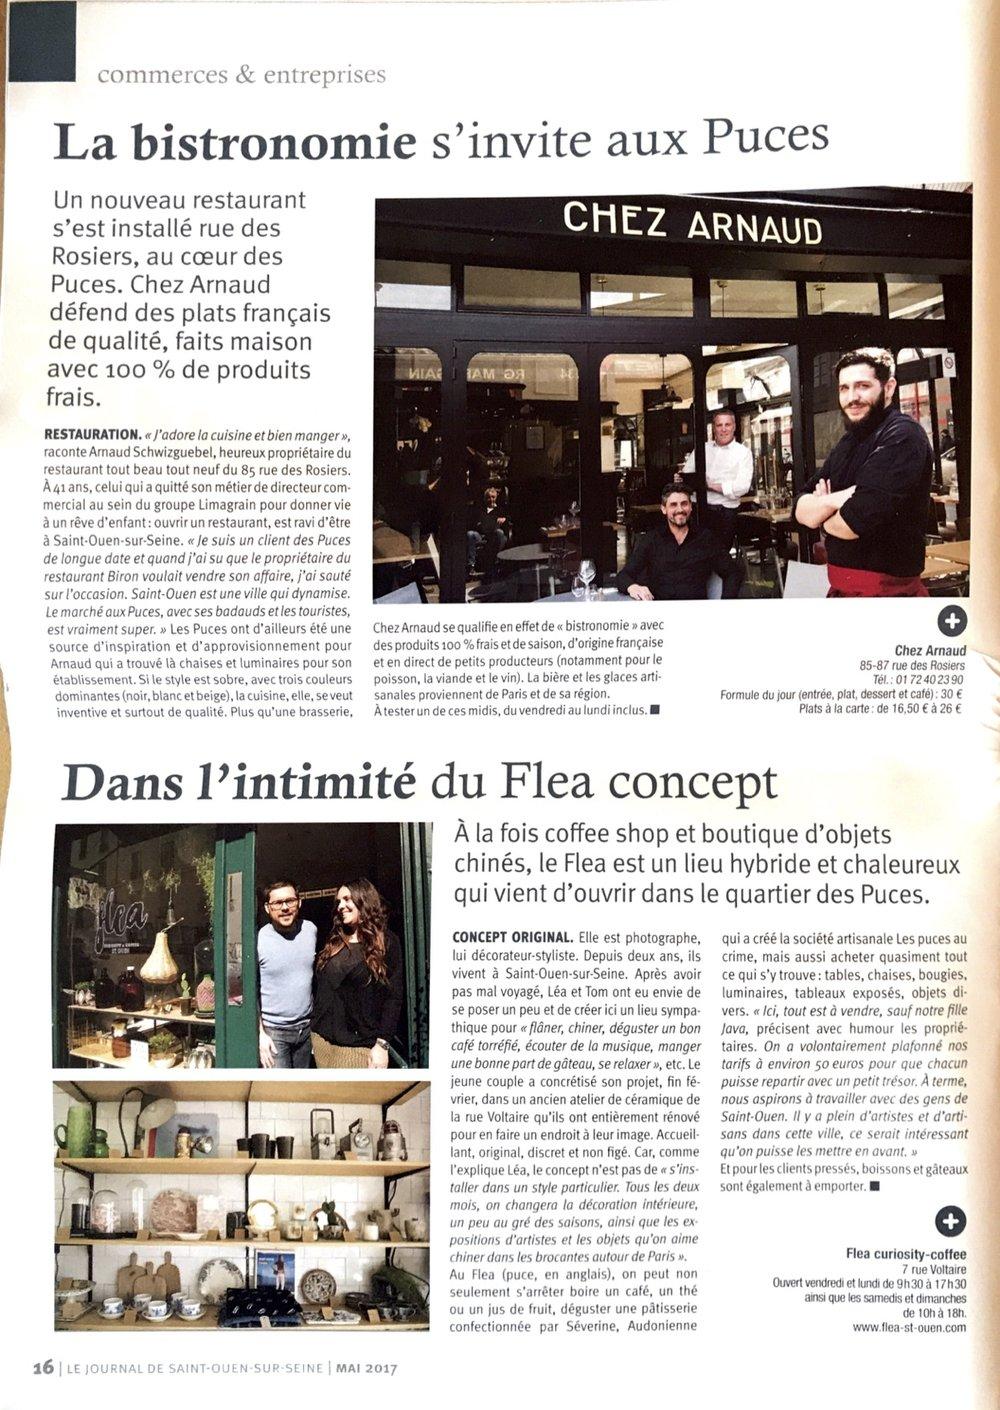 JOURNAL DE ST OUEN article.jpg